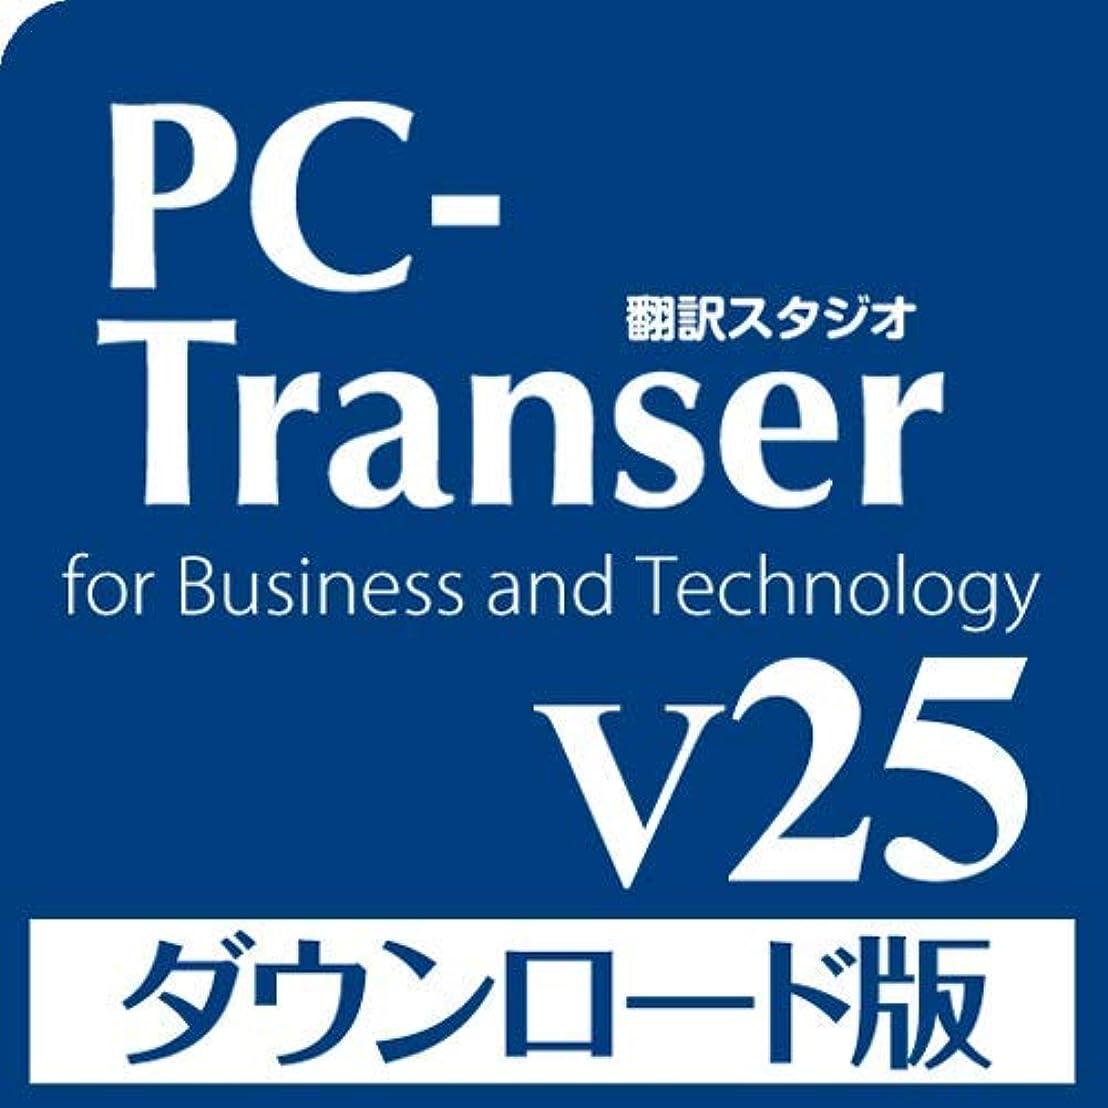 量で食い違い圧縮PC-Transer 翻訳スタジオ V25 ダウンロード版